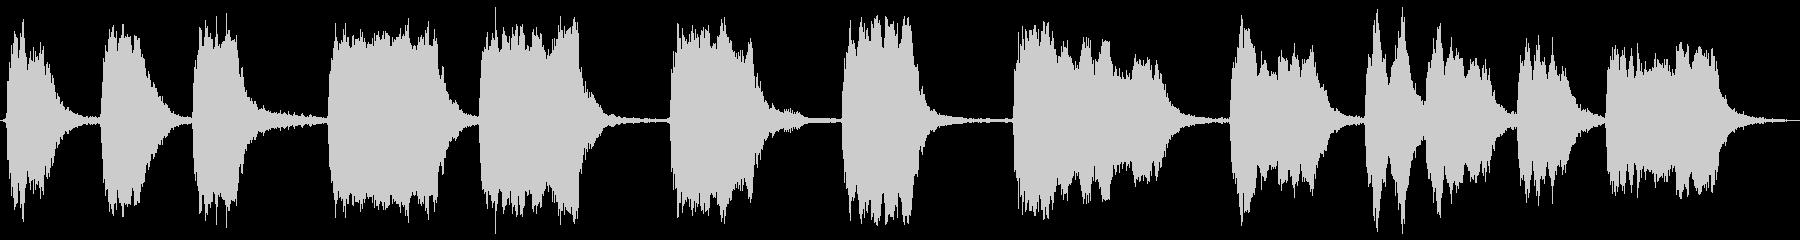 空気圧式空気ラチェット:作動、遠隔...の未再生の波形